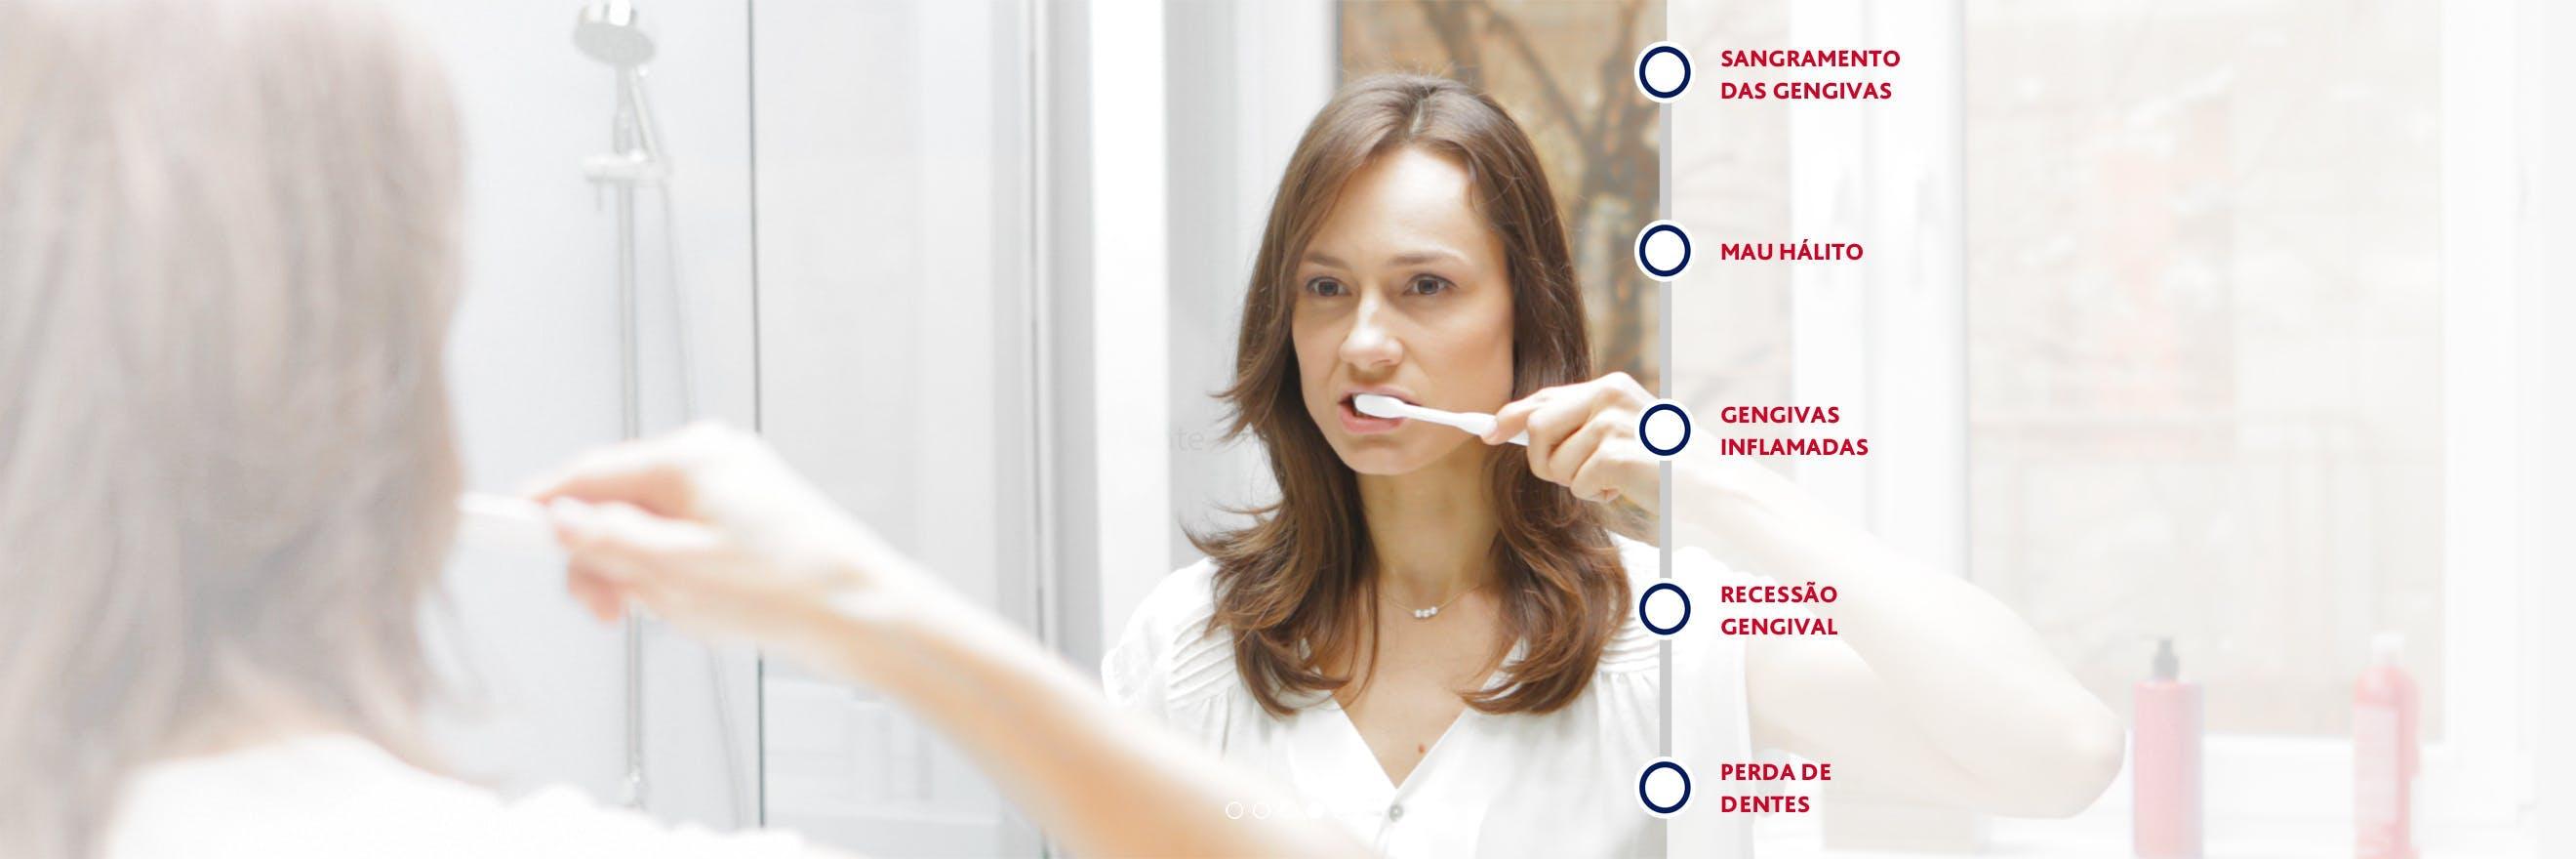 Mulher a lavar os dentes